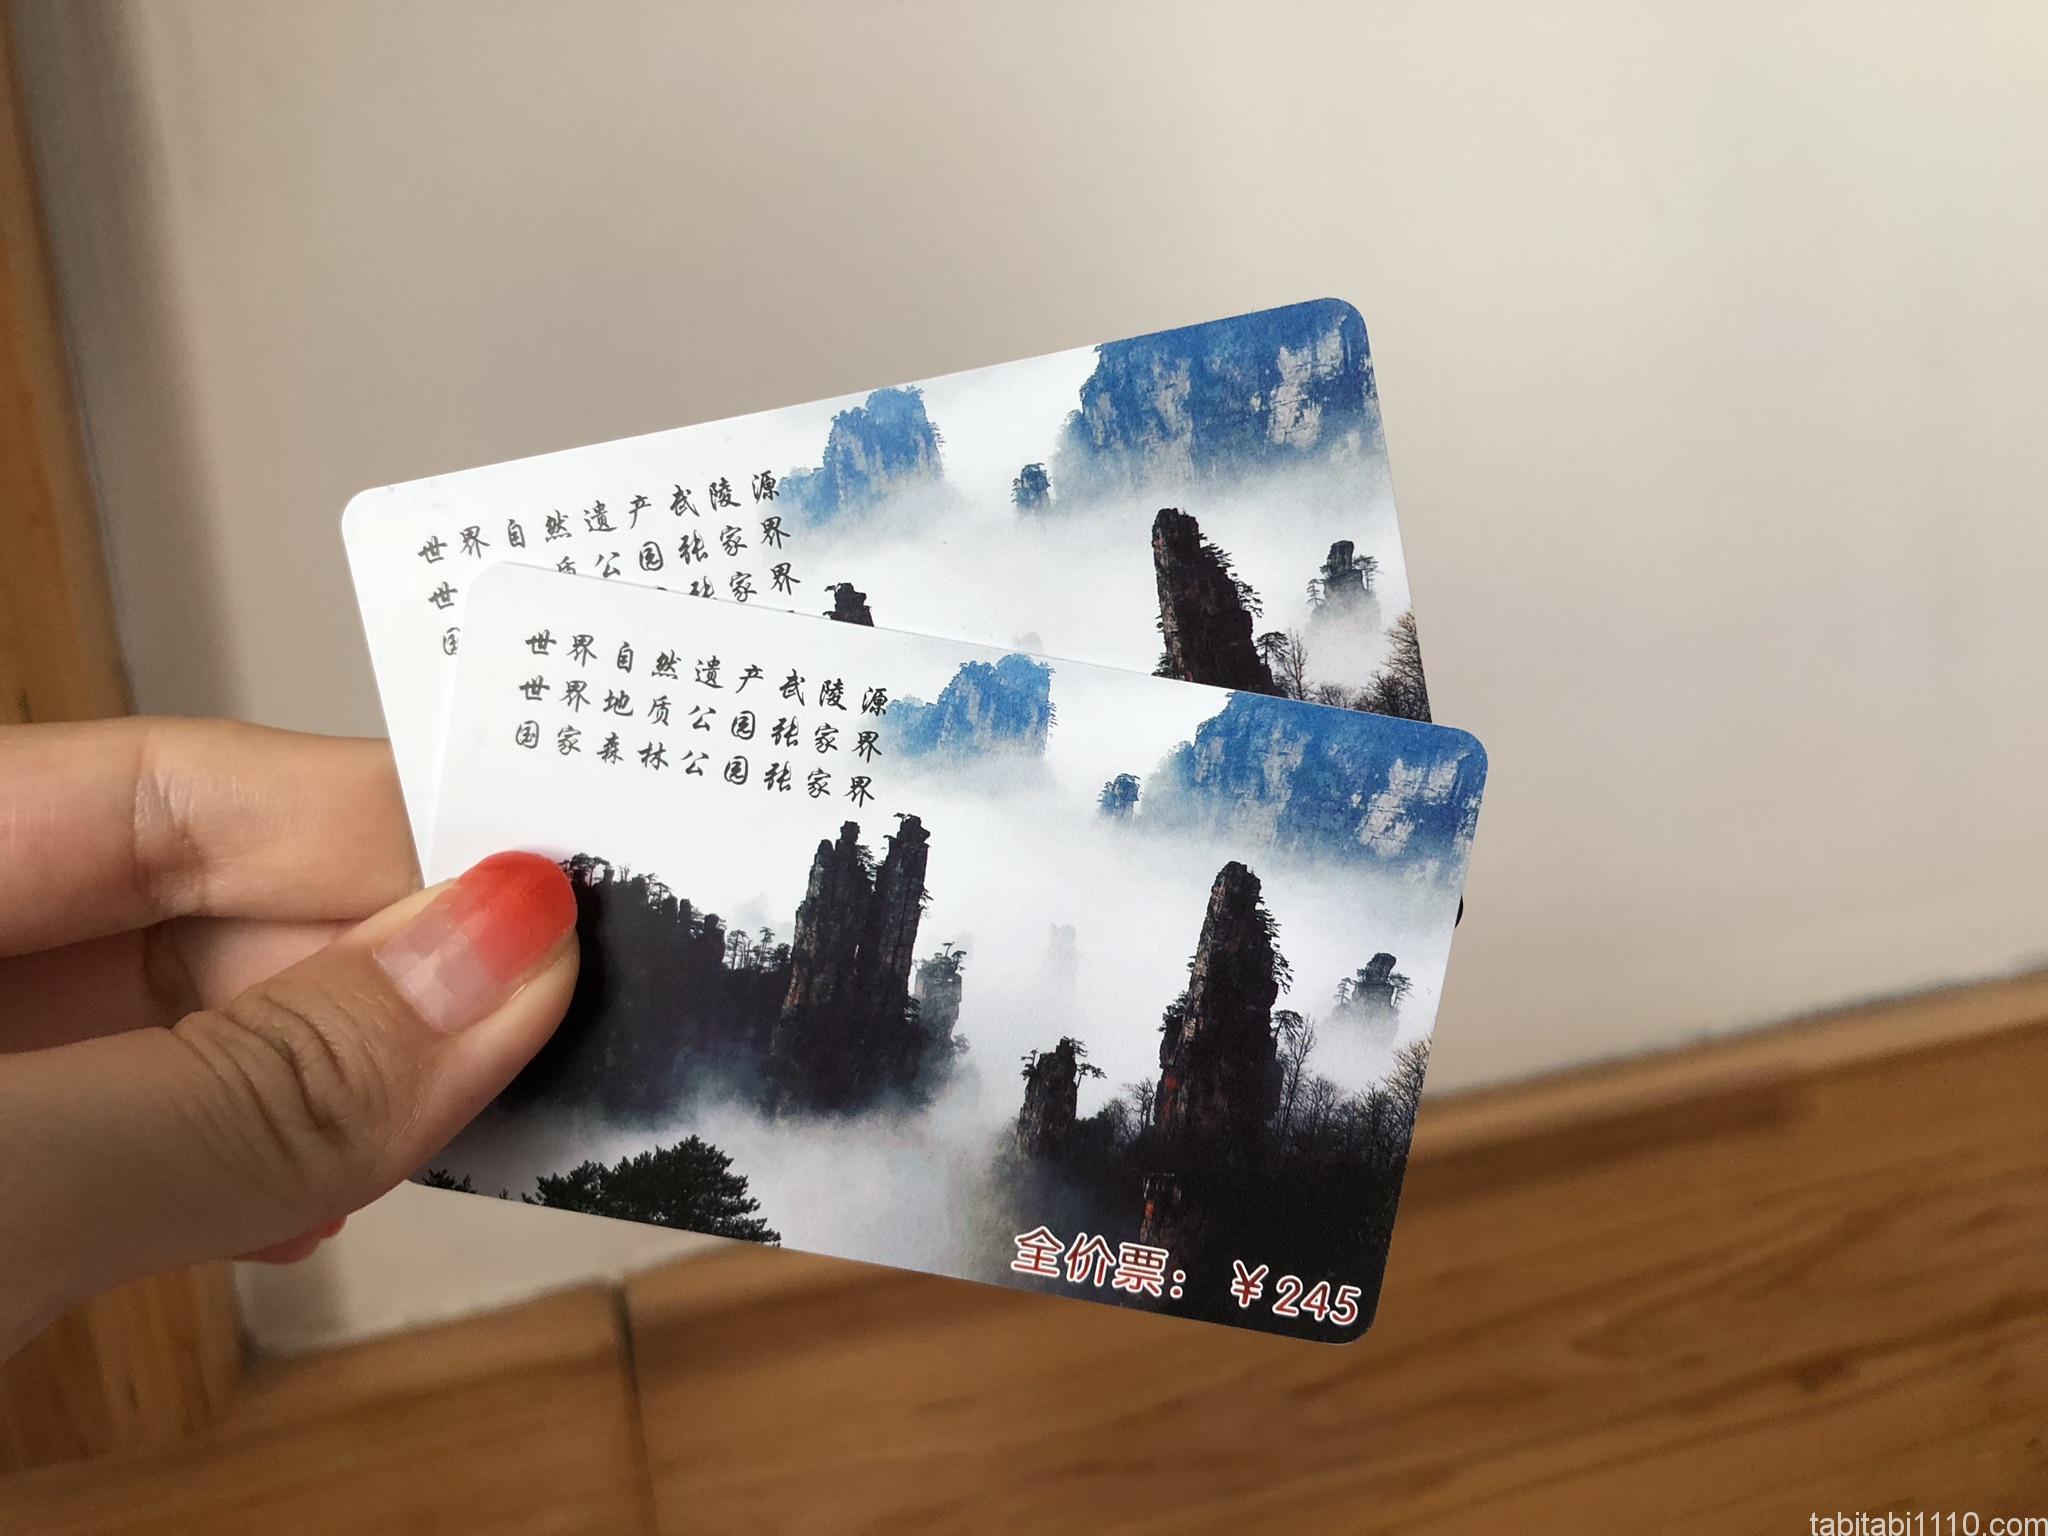 武陵源観光|武陵源チケット